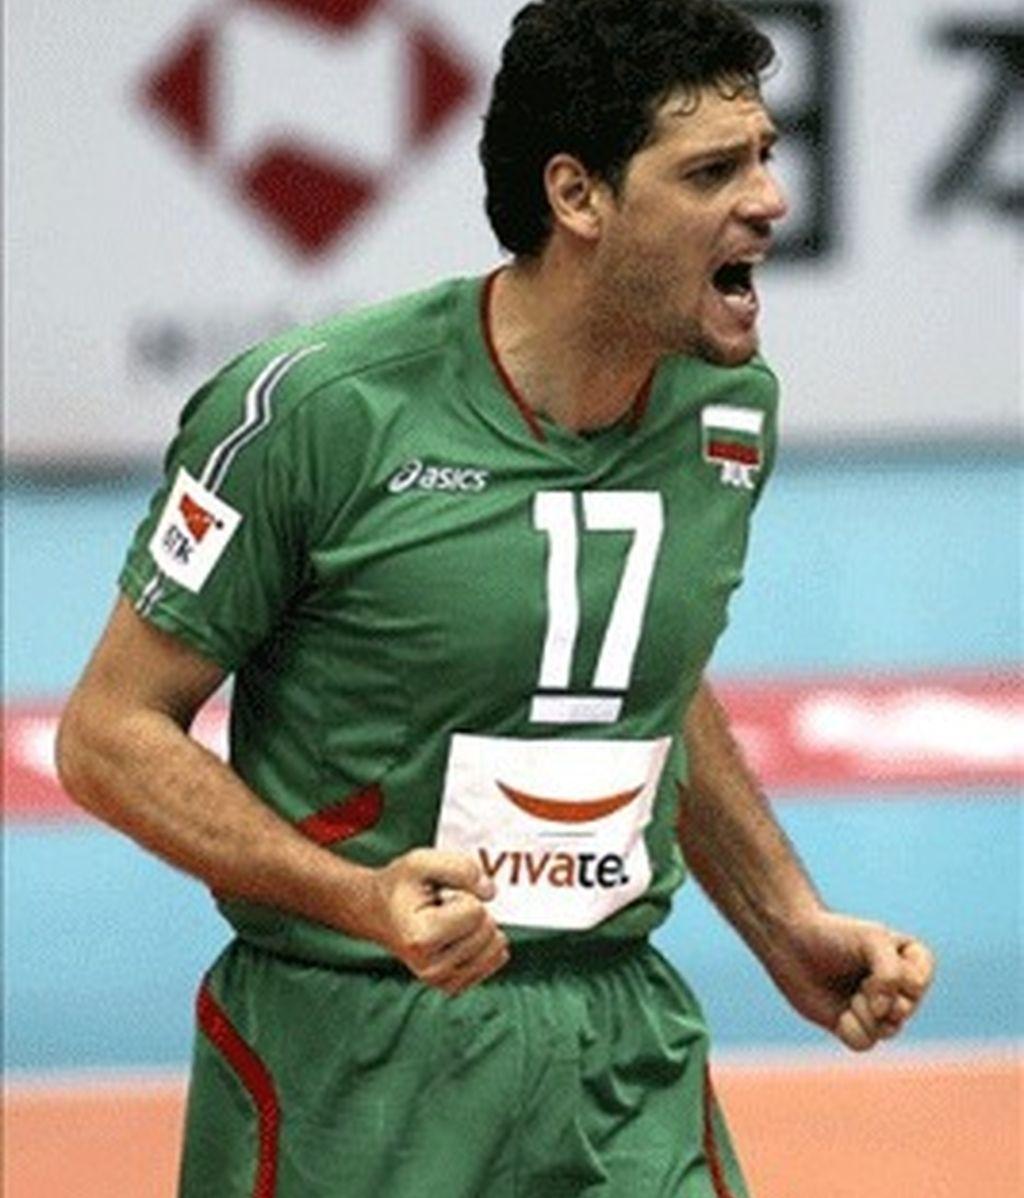 El capitán búlgaro de voleibol apartado del equipo tras un control de dopaje